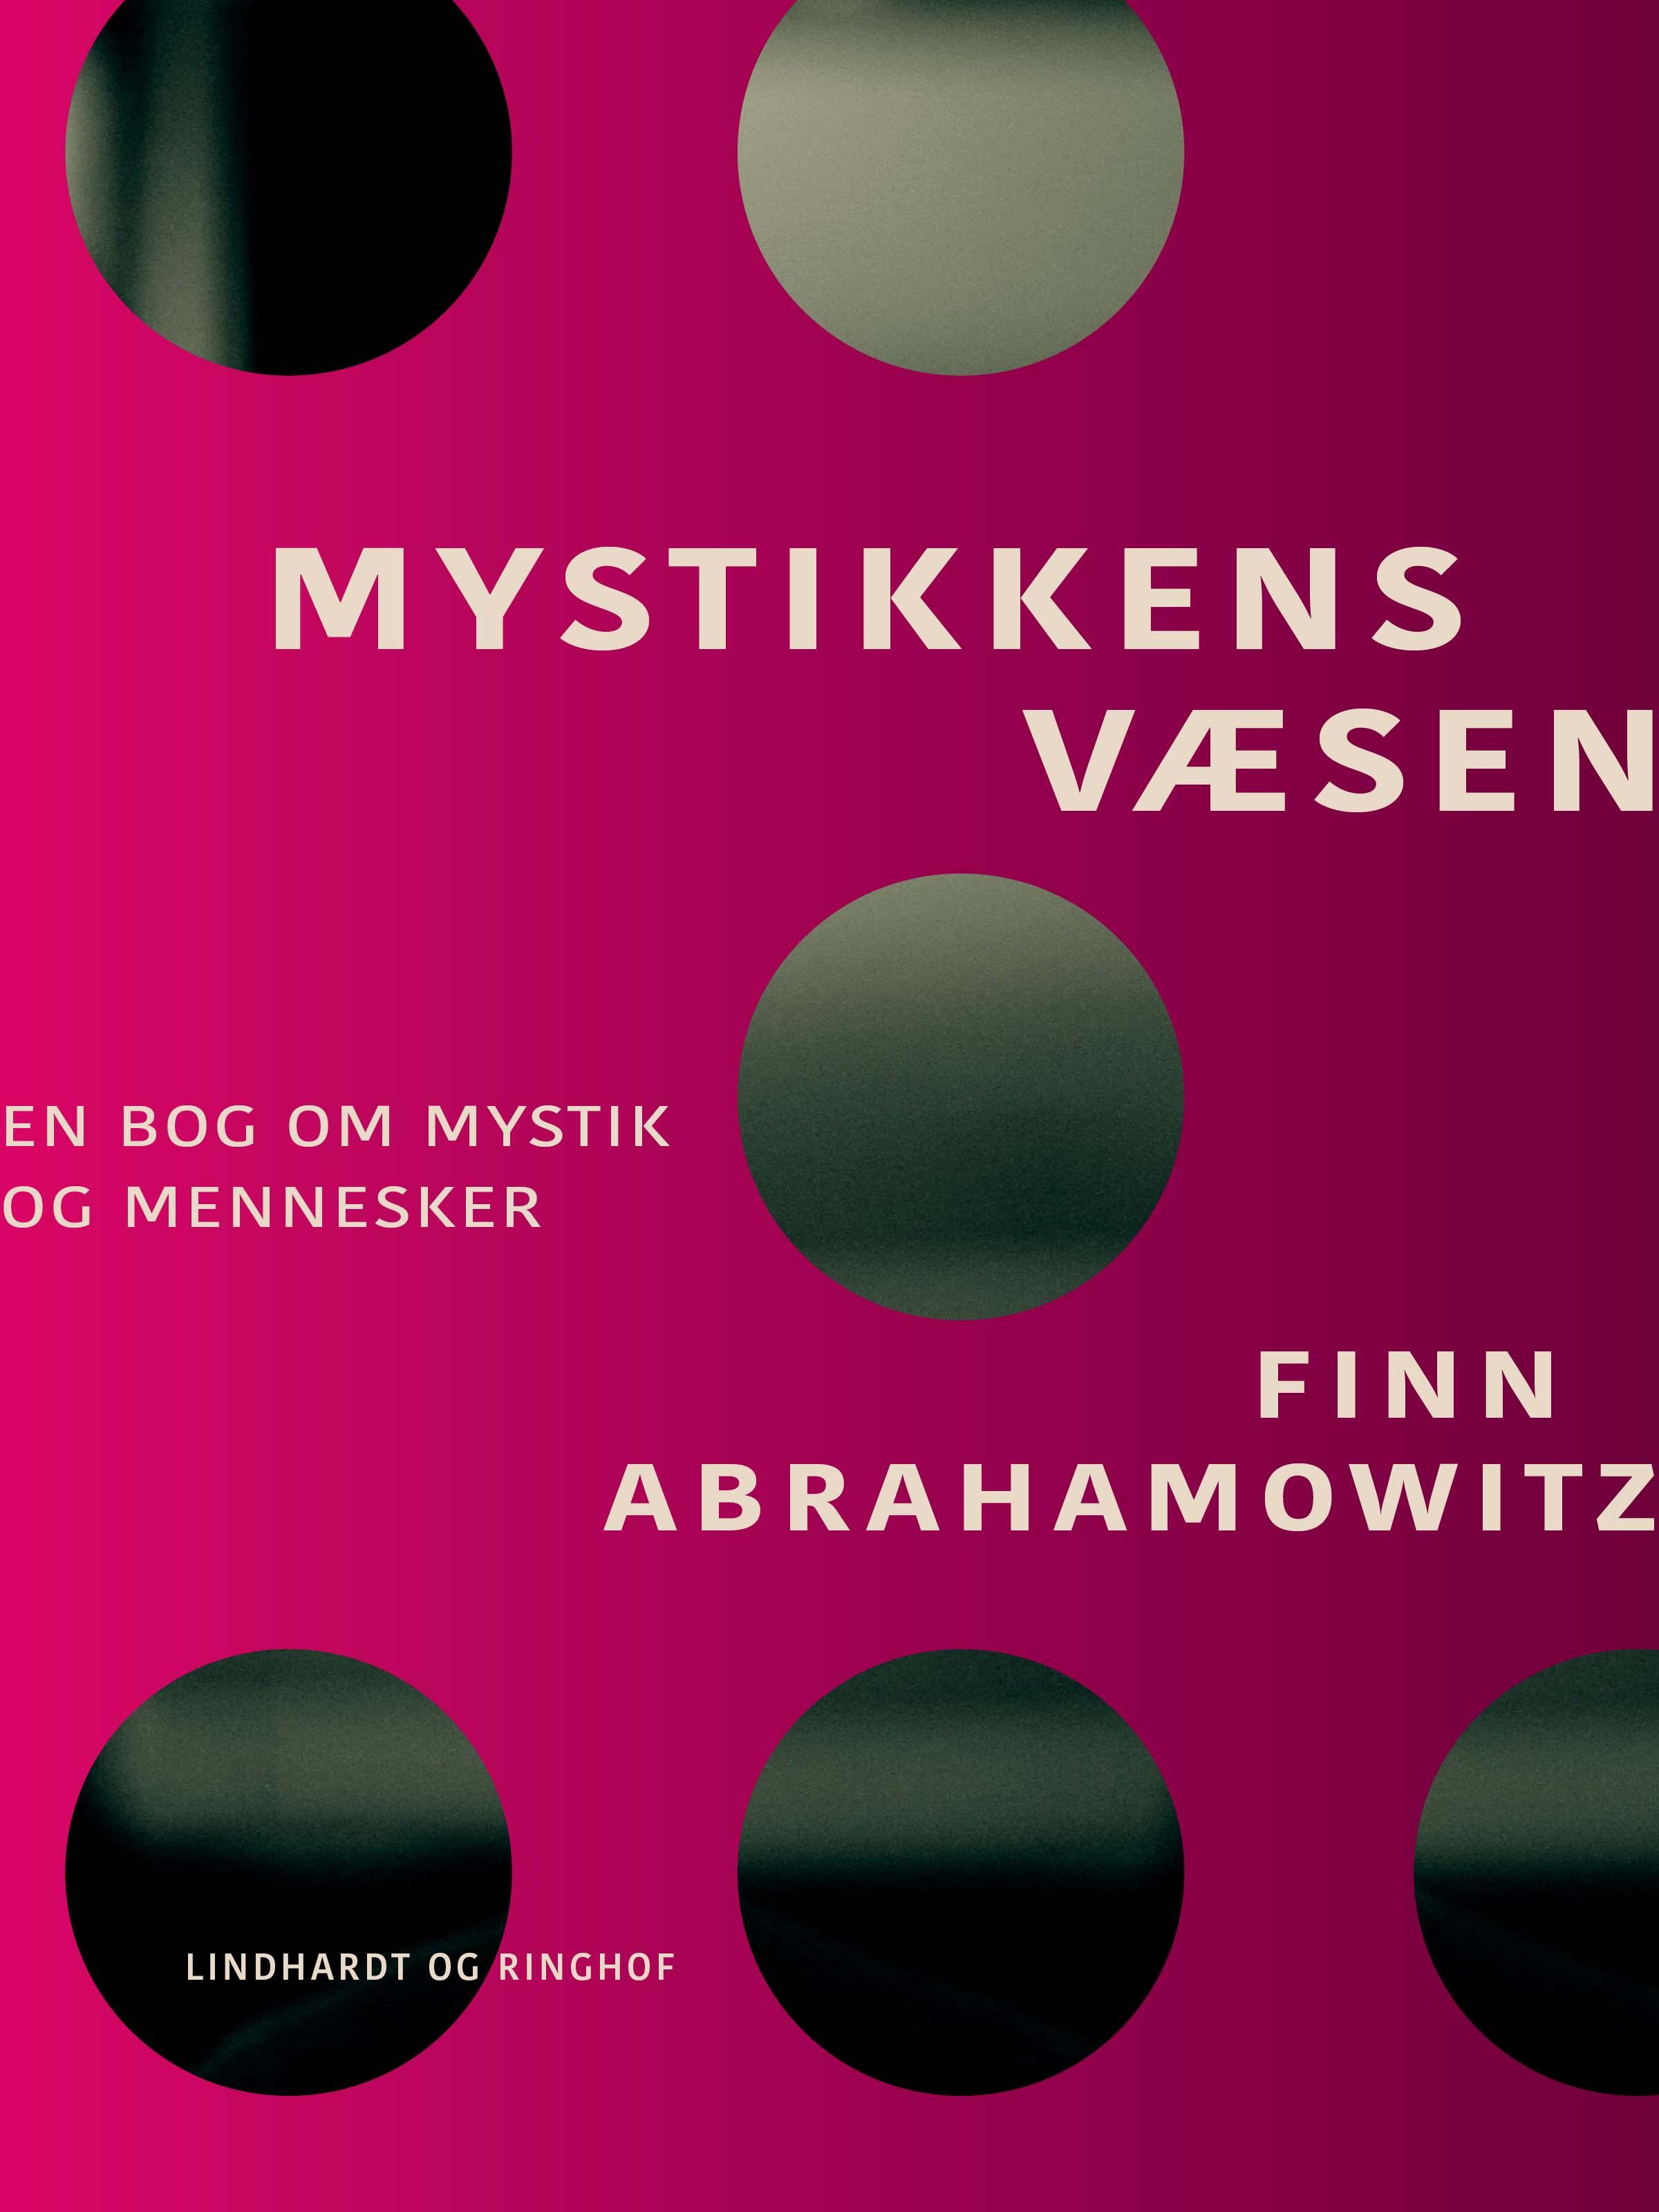 Mystikkens væsen - e-bog fra N/A på bog & mystik